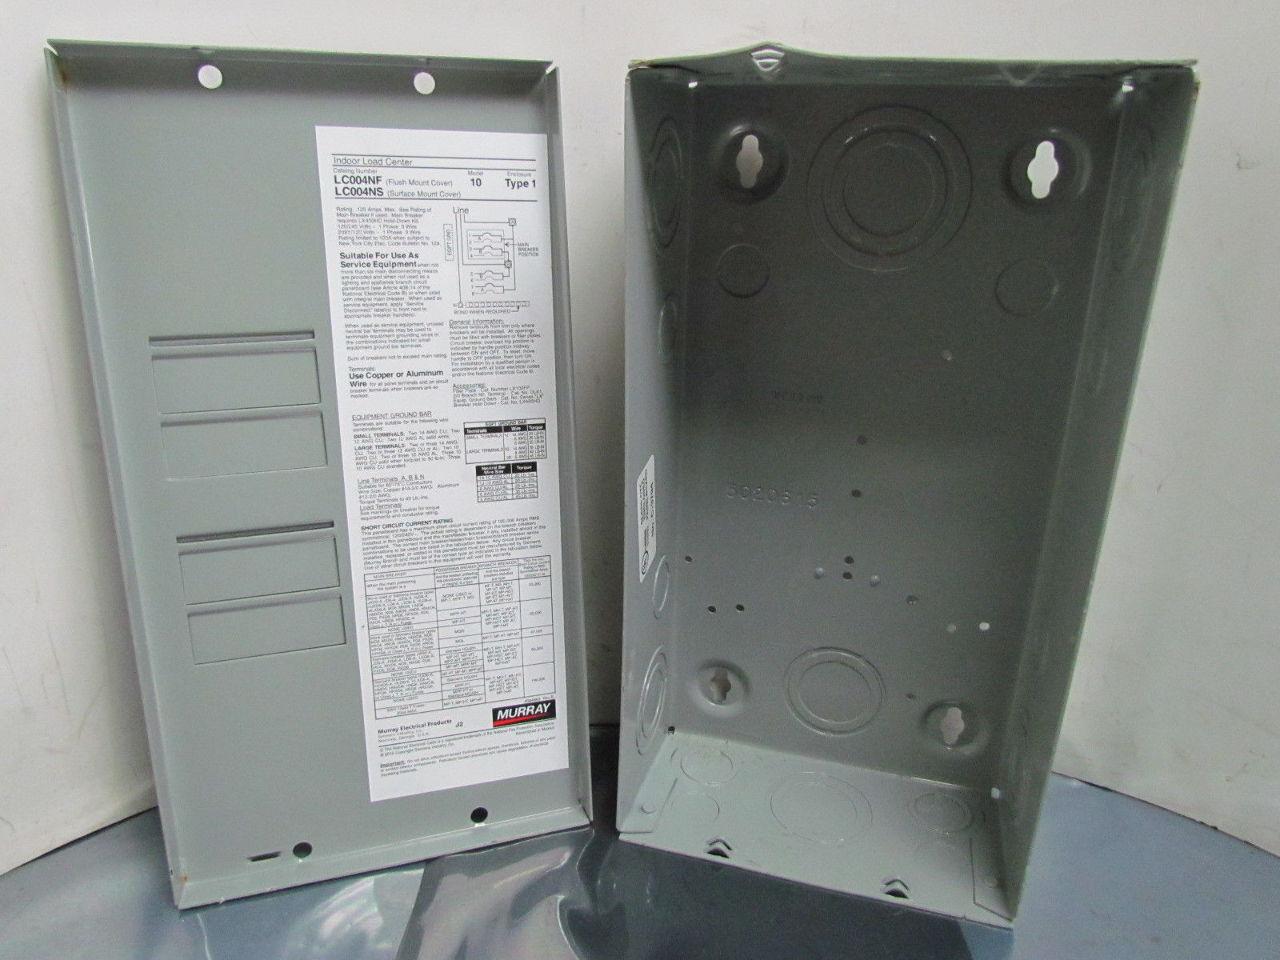 Wall Mount Circuit Breaker : Murray space circuit breaker load center enclosure